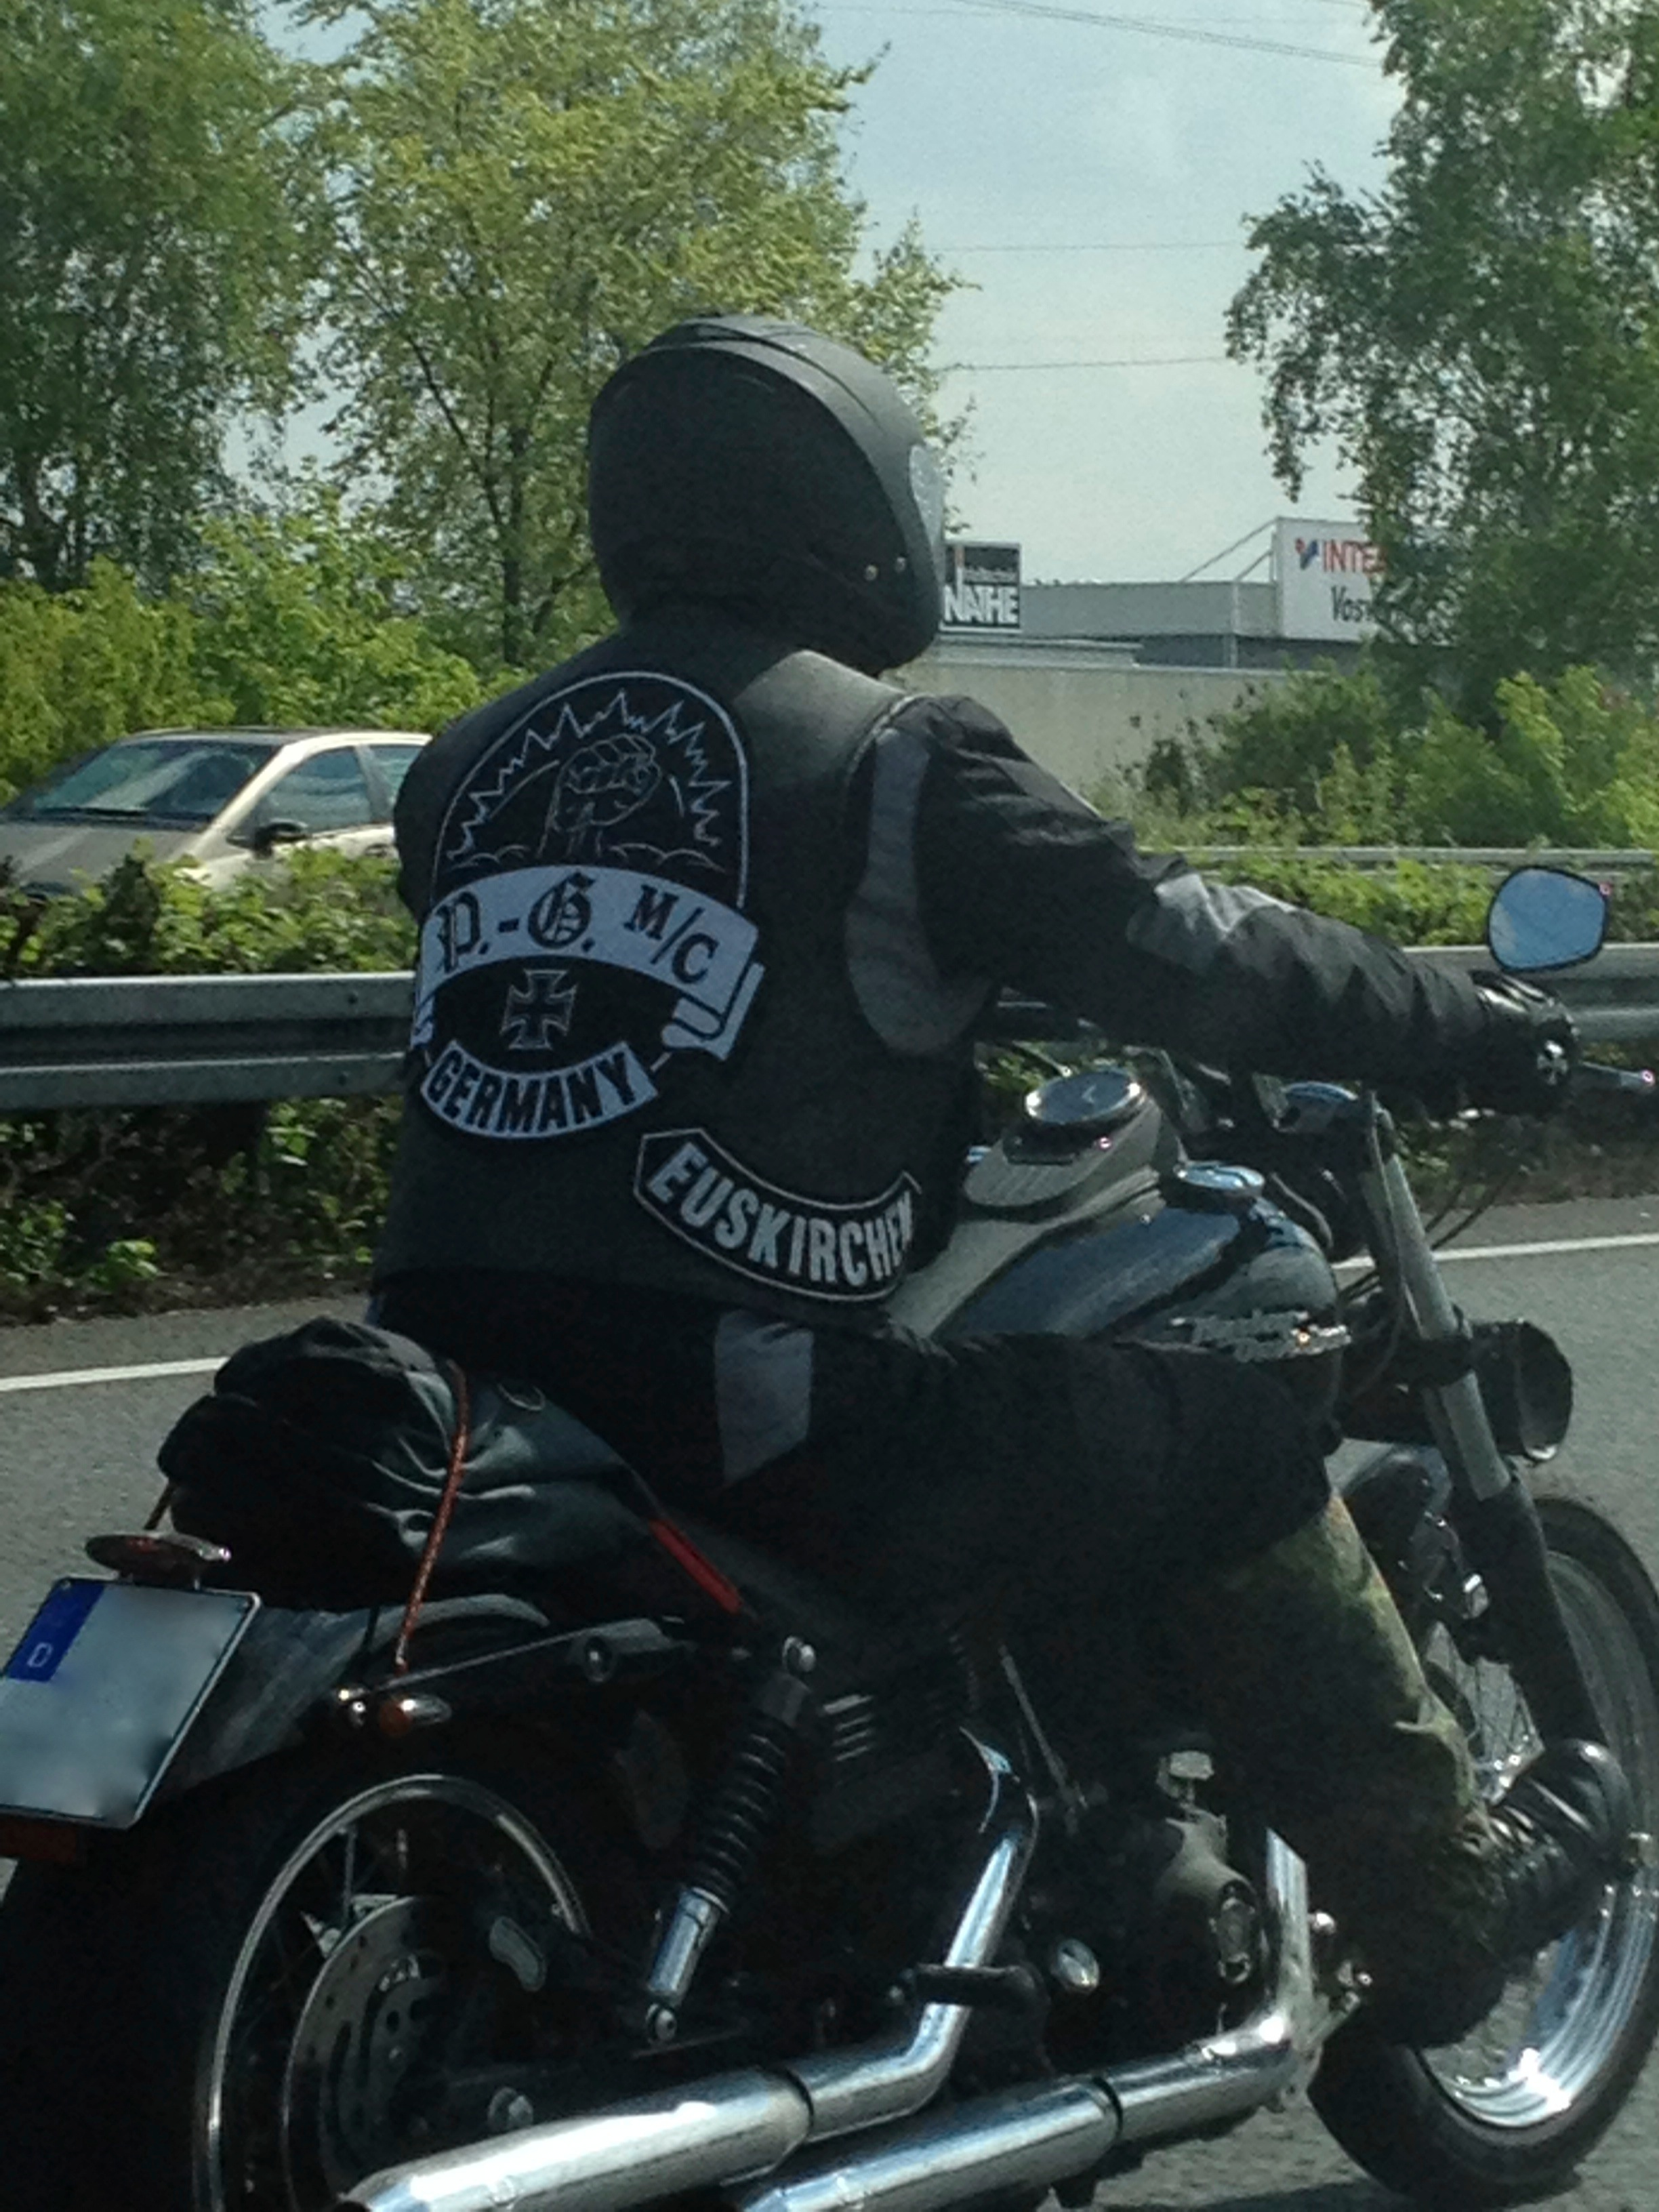 Harley Davidson Jacke Mit Abnehmbaren  Ef Bf Bdrmeln